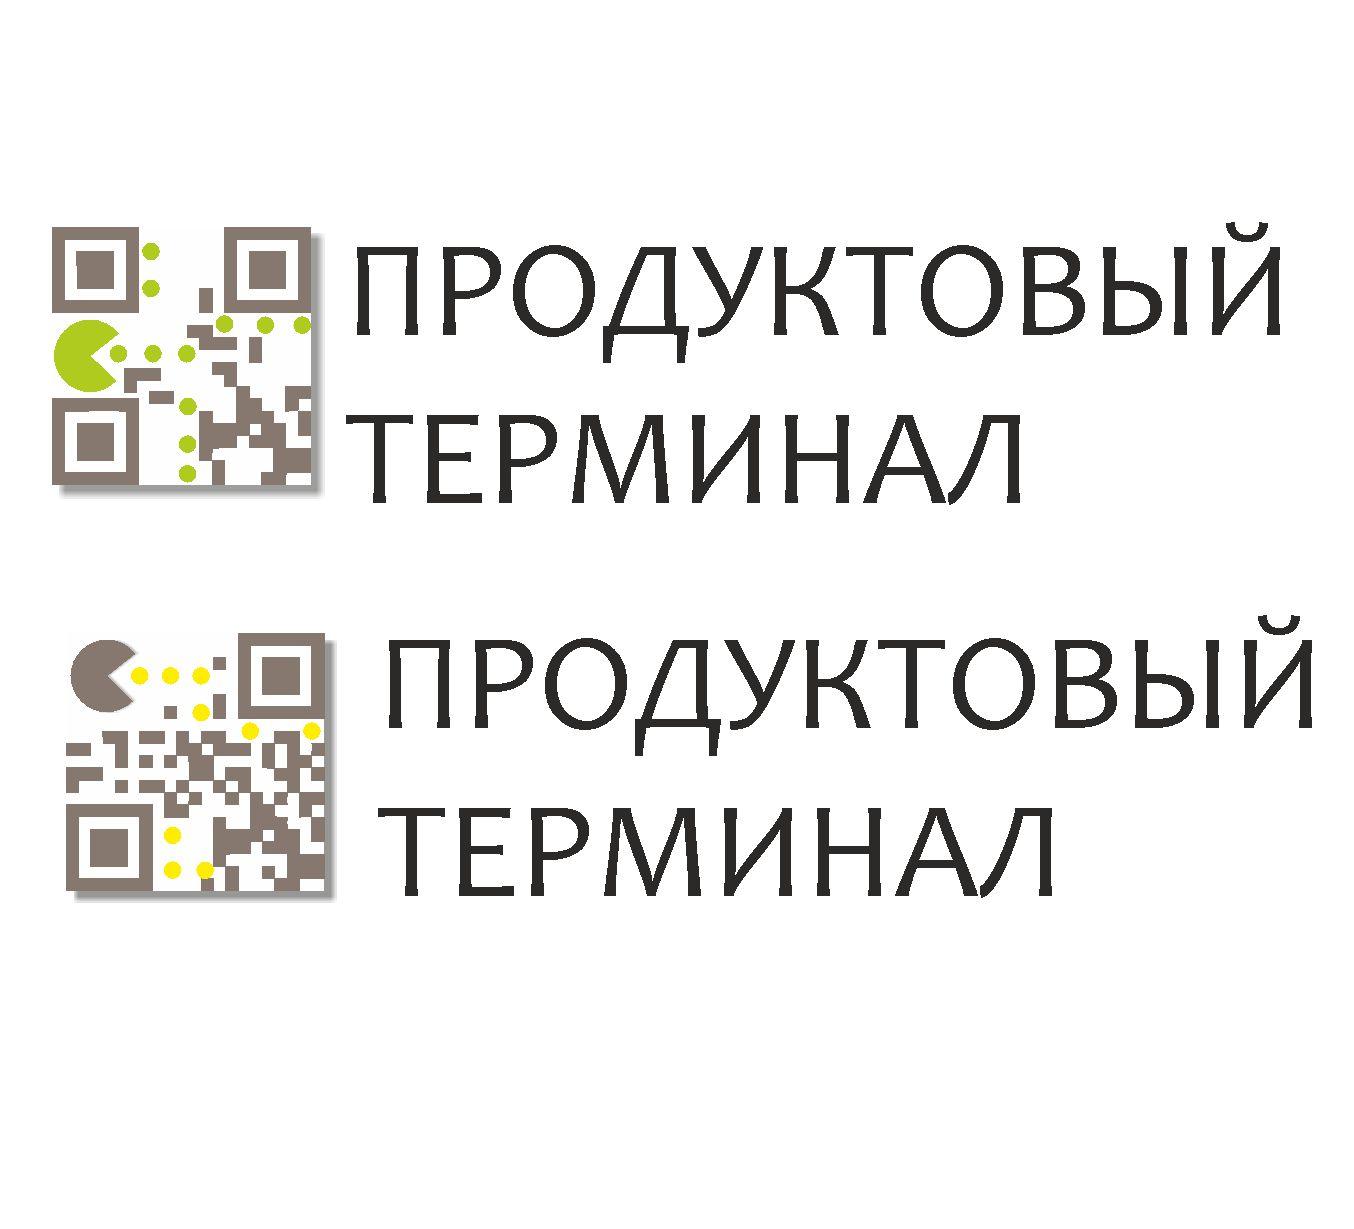 Логотип для сети продуктовых магазинов фото f_84056fa52b8012af.jpg